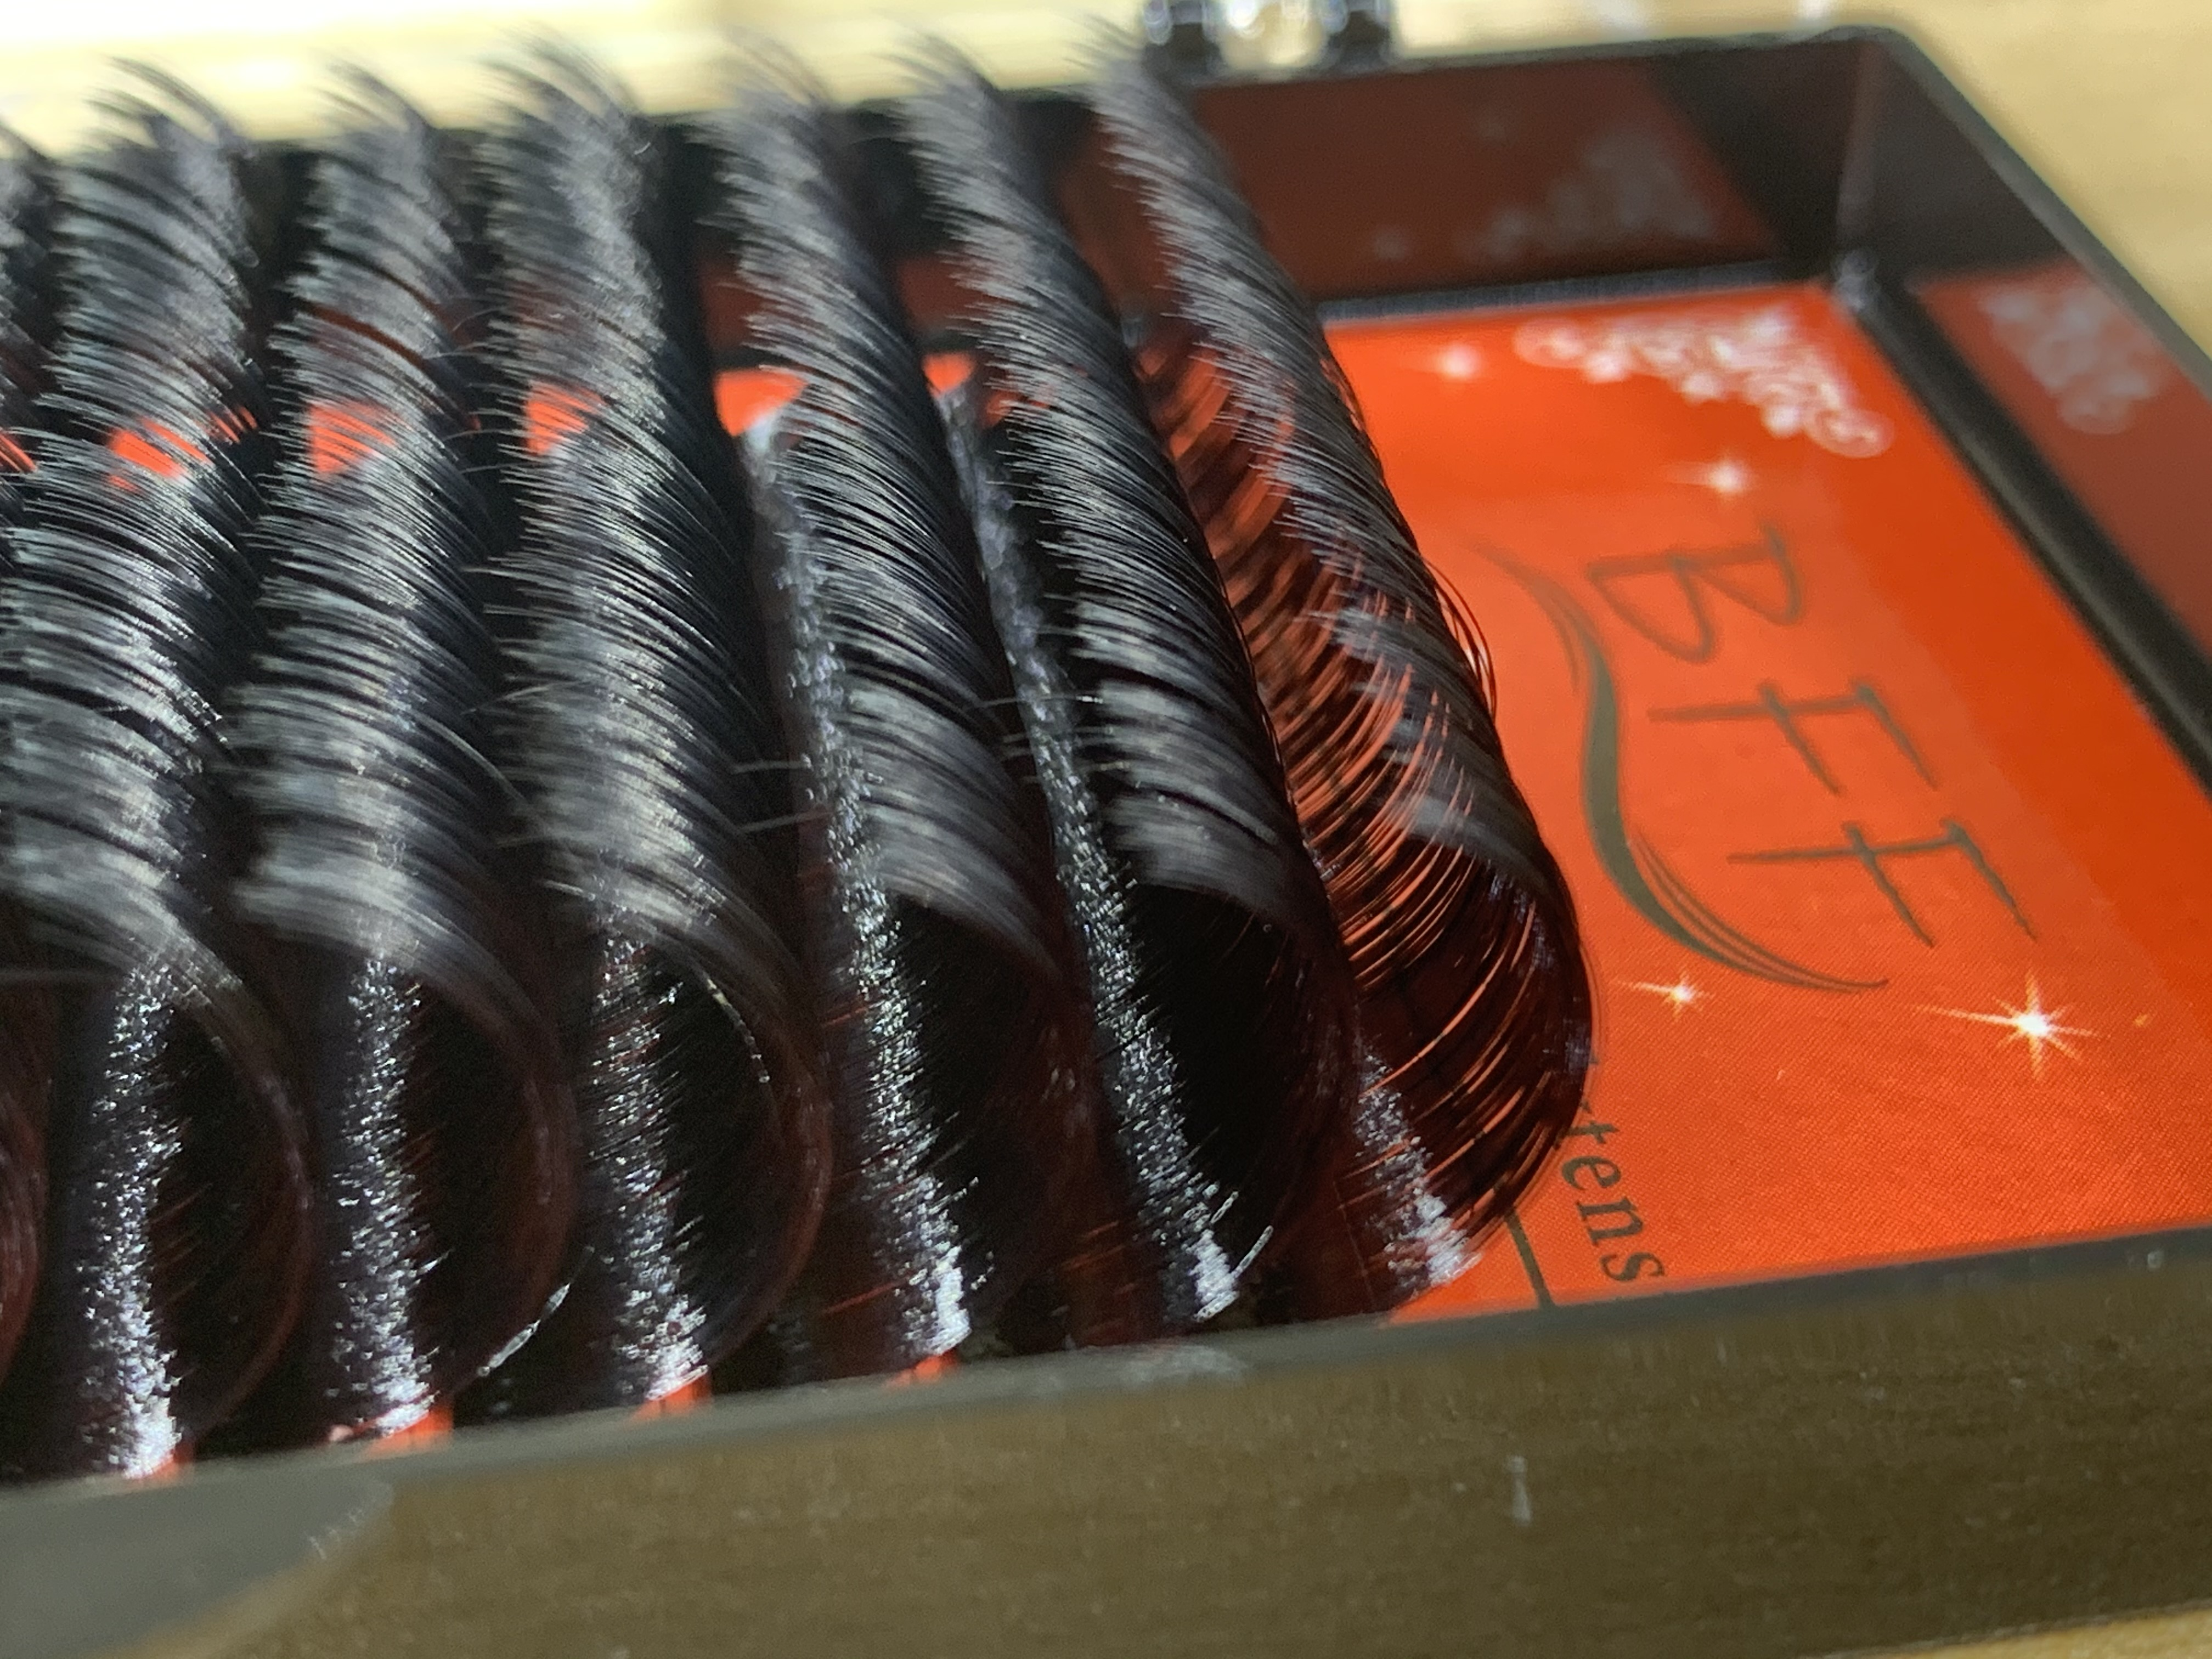 Extensão de cílios bff 0.07/0.05 17 18 19 20mm tamanho mais longo sintético vison maquiagem falso cílios postiços individual